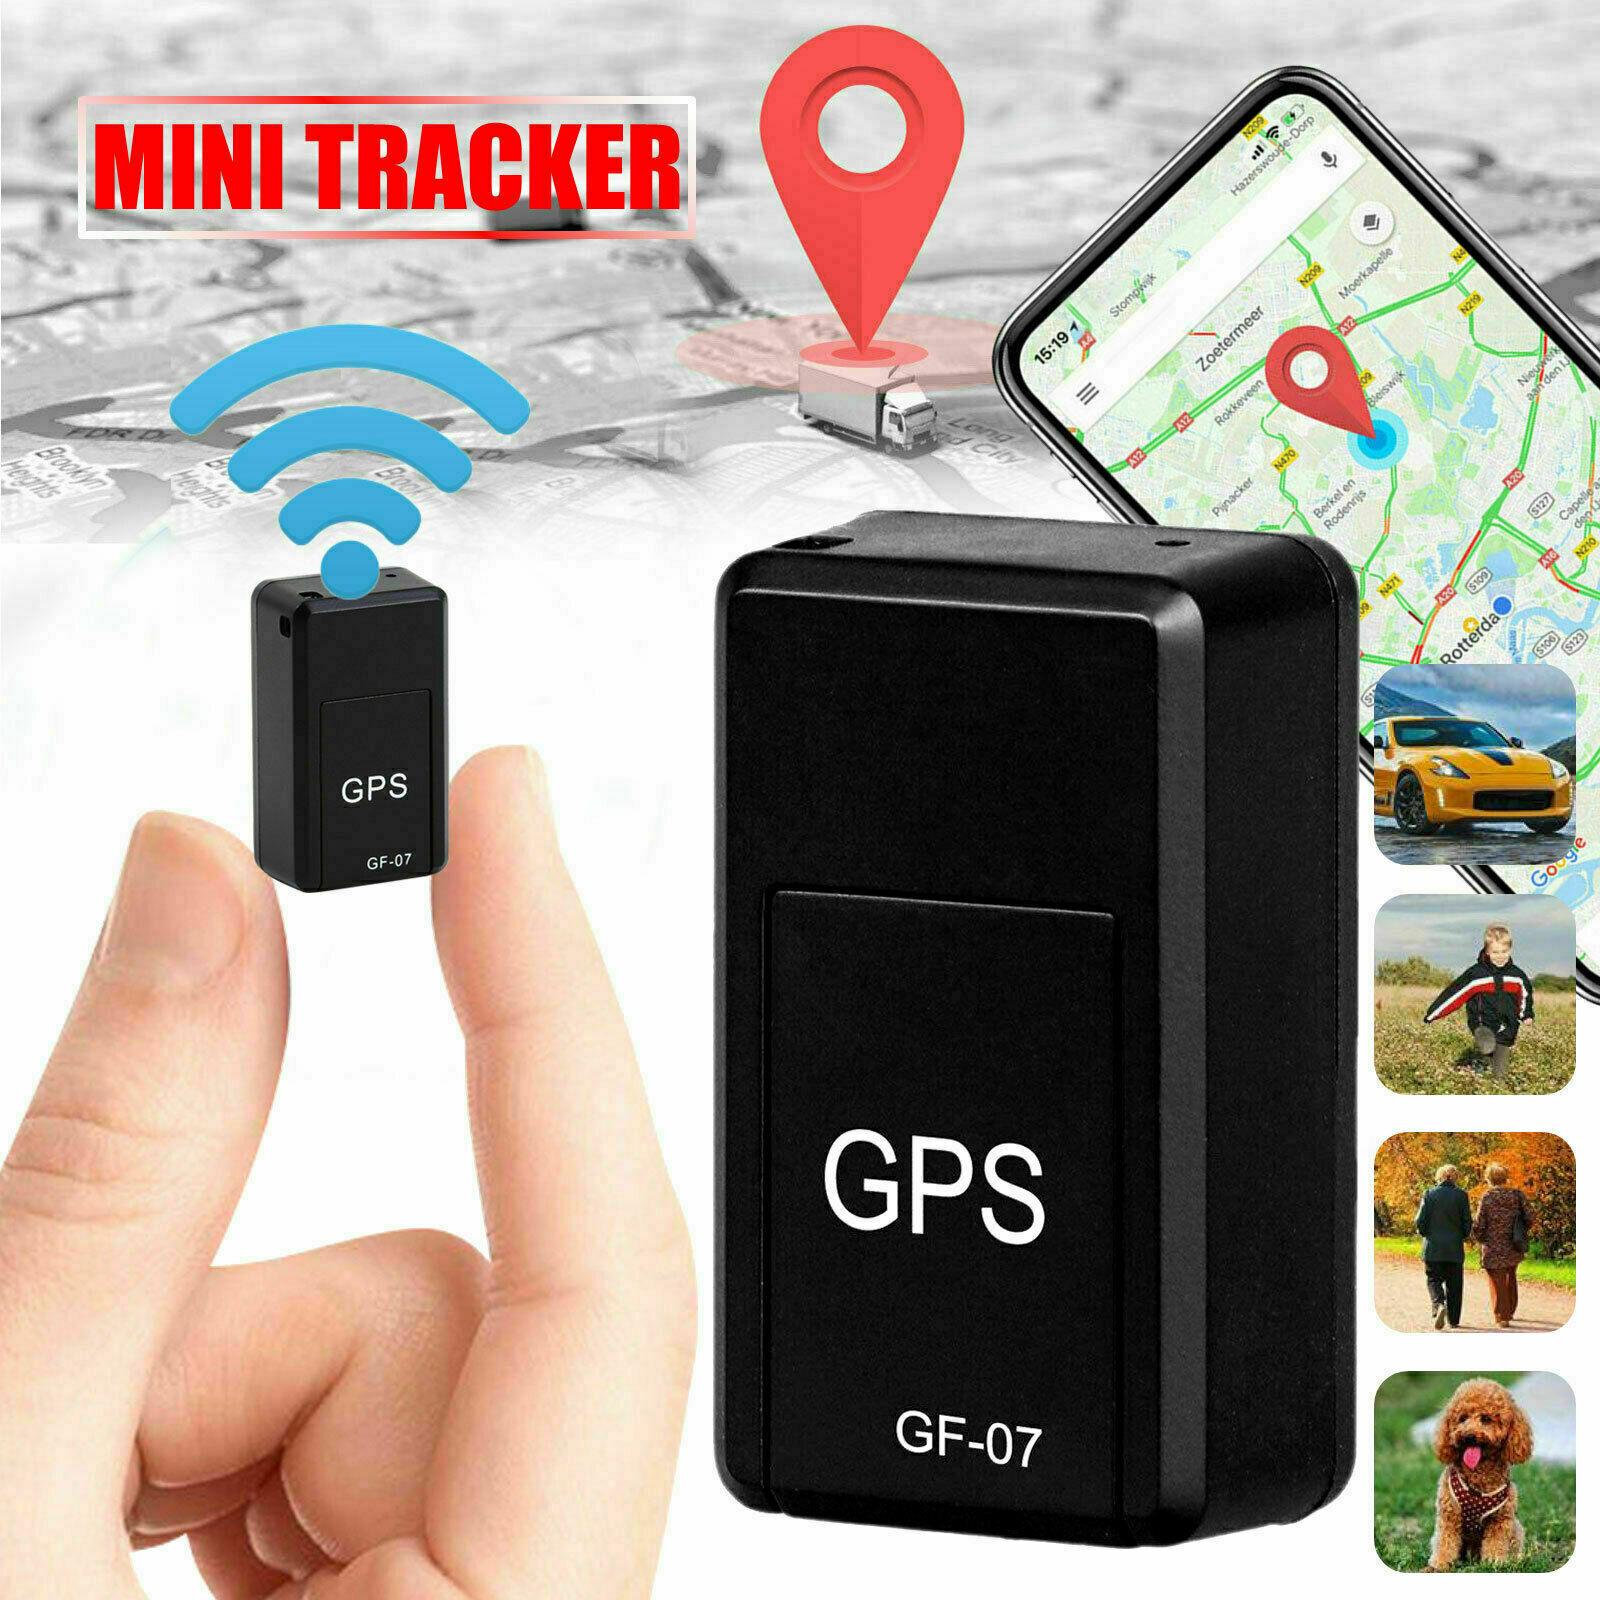 Nouveau Mini GPS Tracker GF07 GPS localisateur enregistrement dispositif Anti-perte prise en charge à distance du téléphone portable GPRS dispositif de suivi